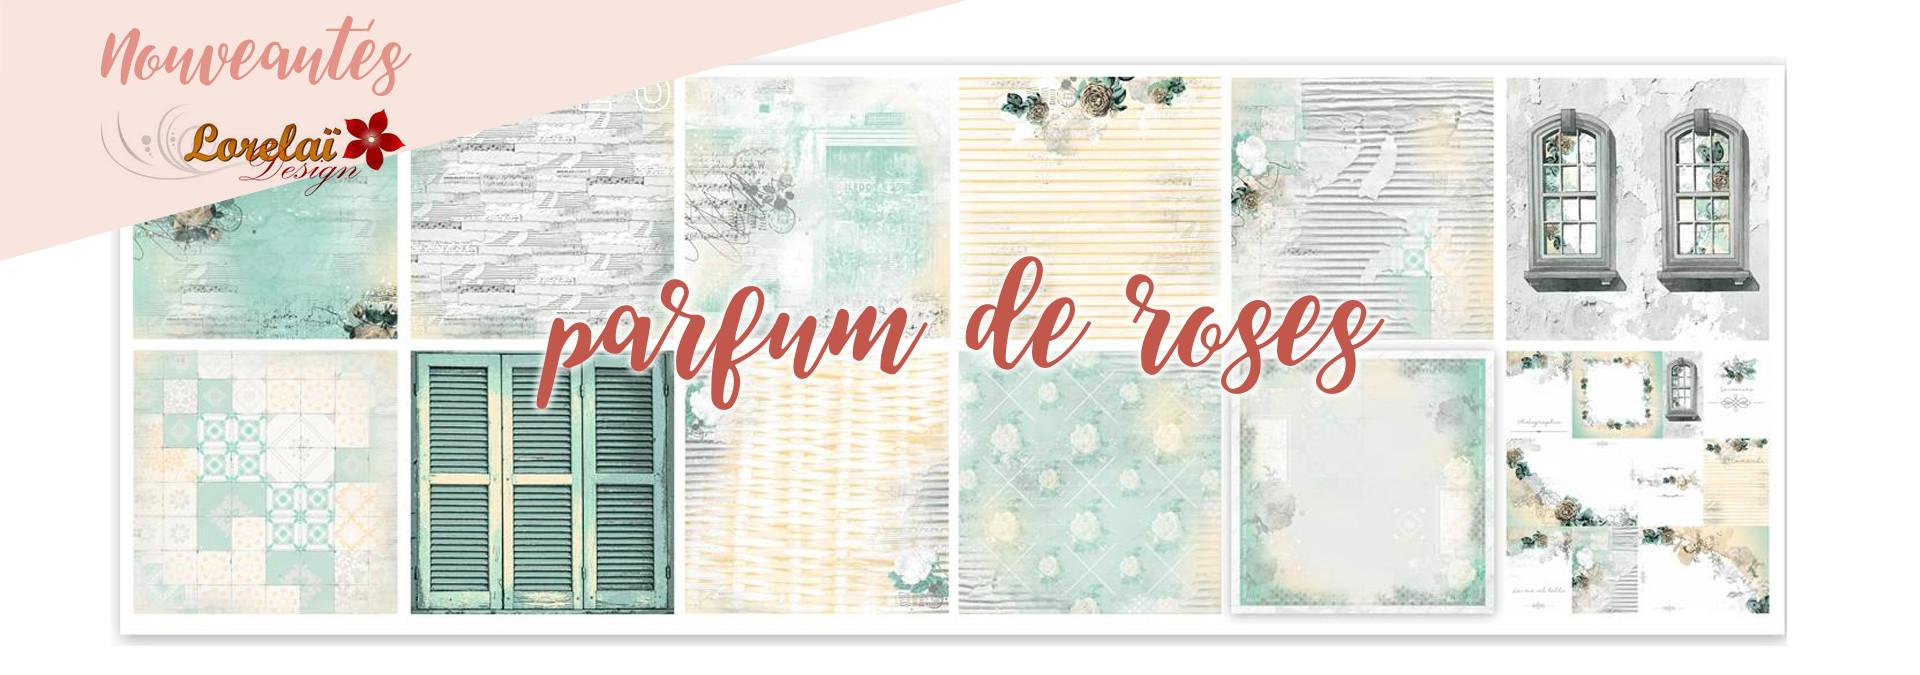 Parfum de roses - Lorelai design